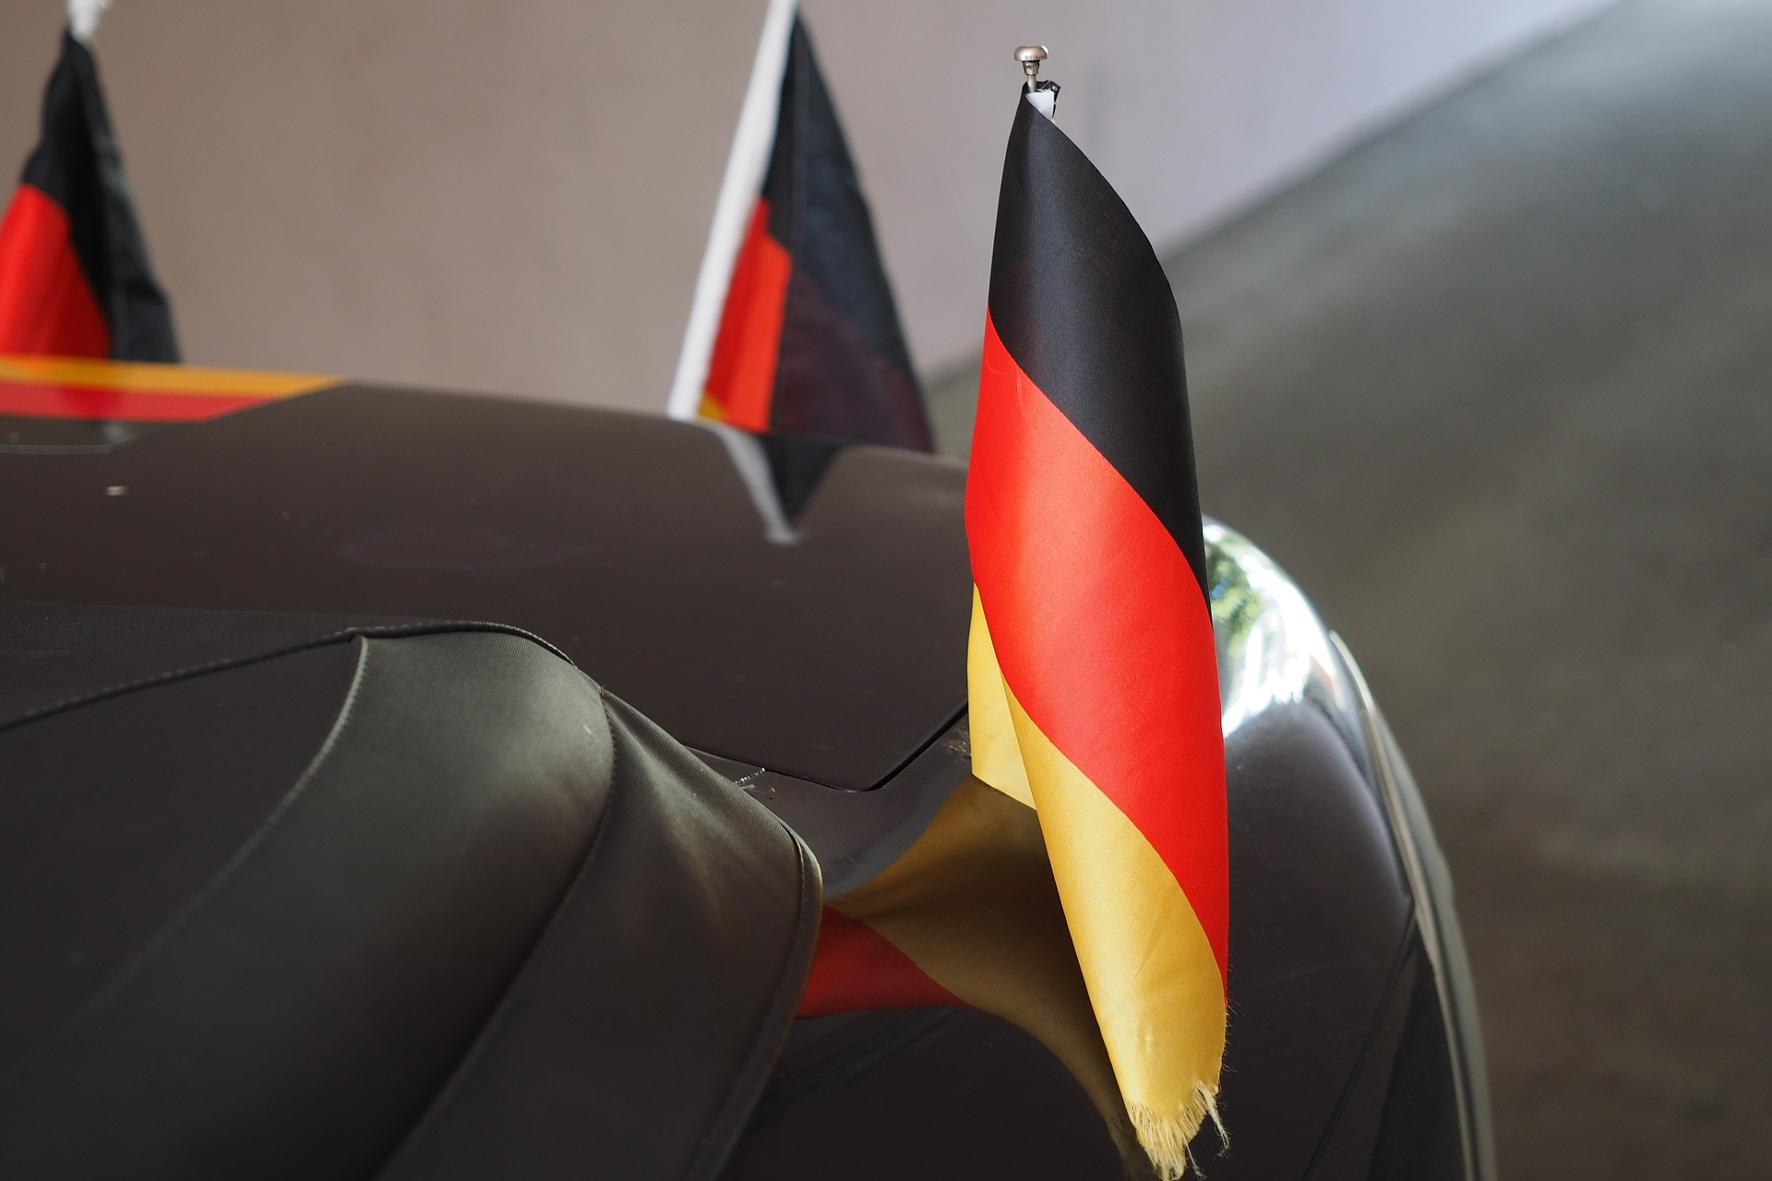 mid Groß-Gerau - Wer sein Auto zur Fußball-EM in ein Deutschland-Outfit hüllt, muss darauf achten, dass er die Verkehrssicherheit damit nicht gefährdet.